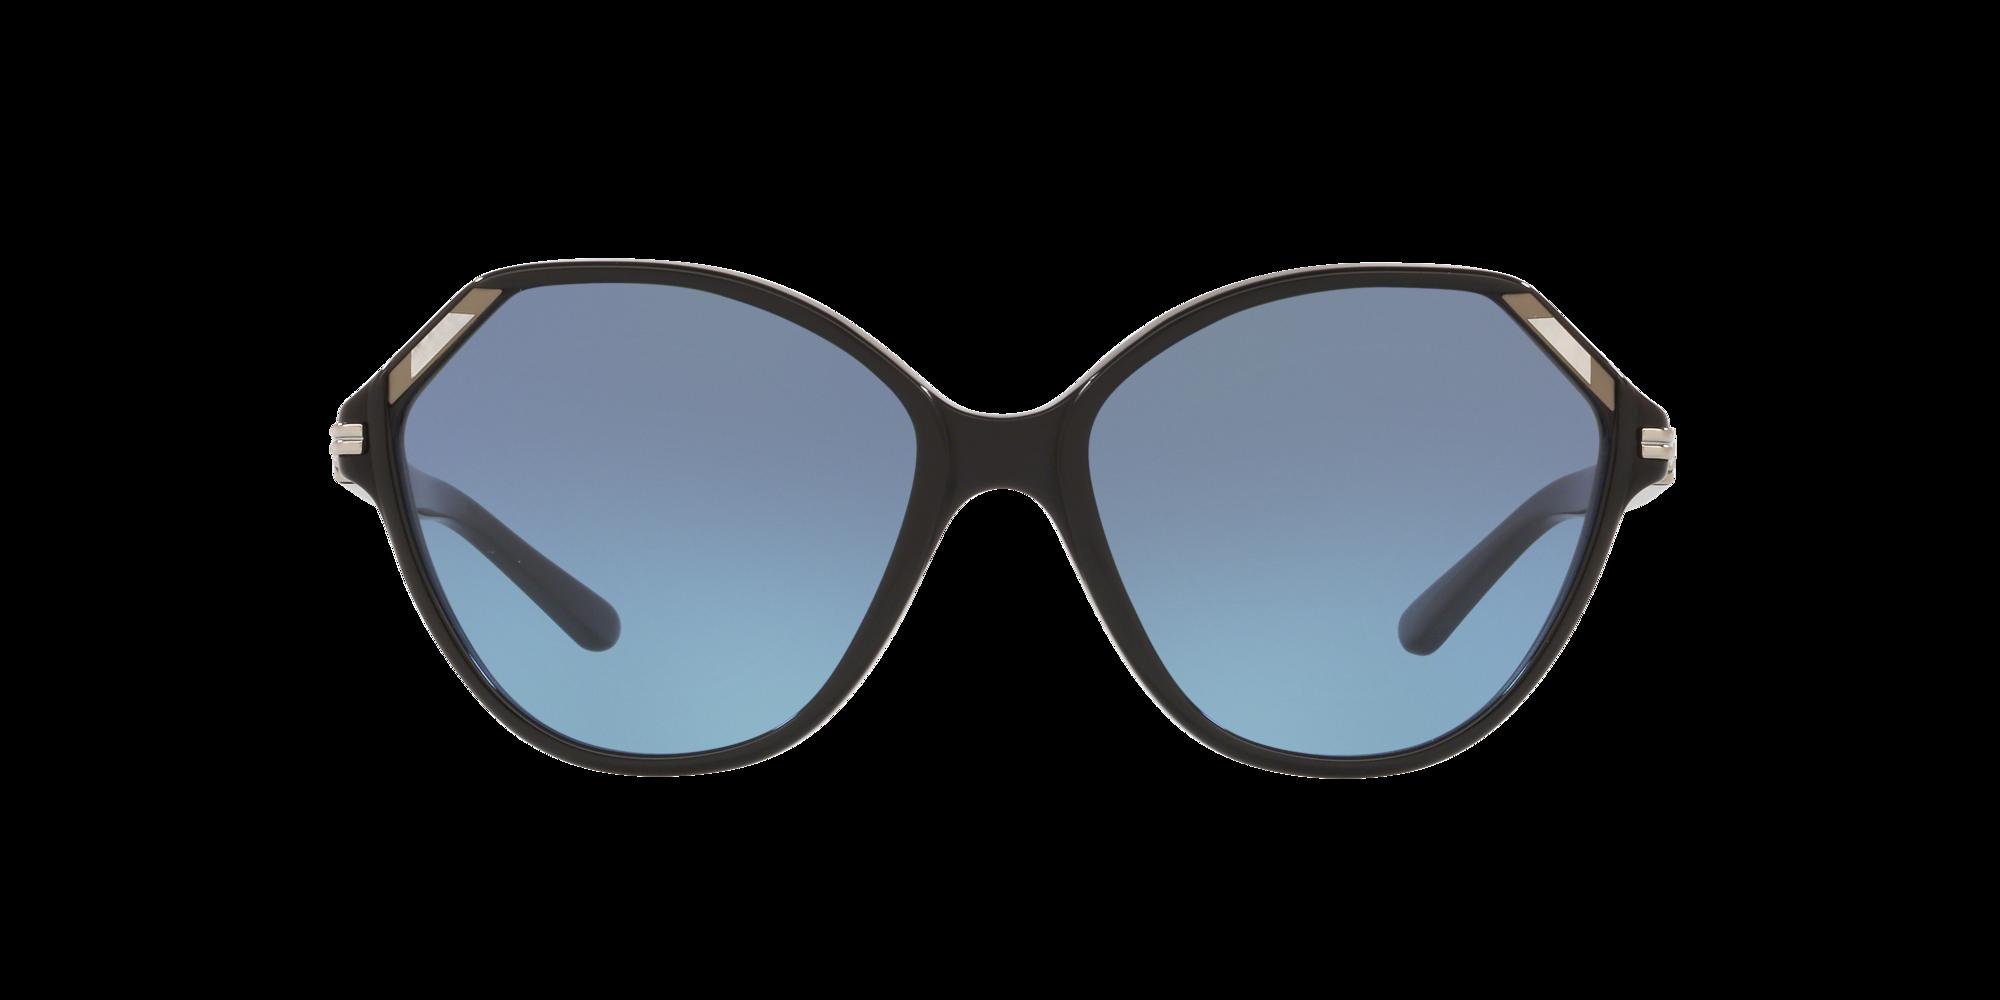 Imagen para TY7138 57 de LensCrafters |  Espejuelos, espejuelos graduados en línea, gafas